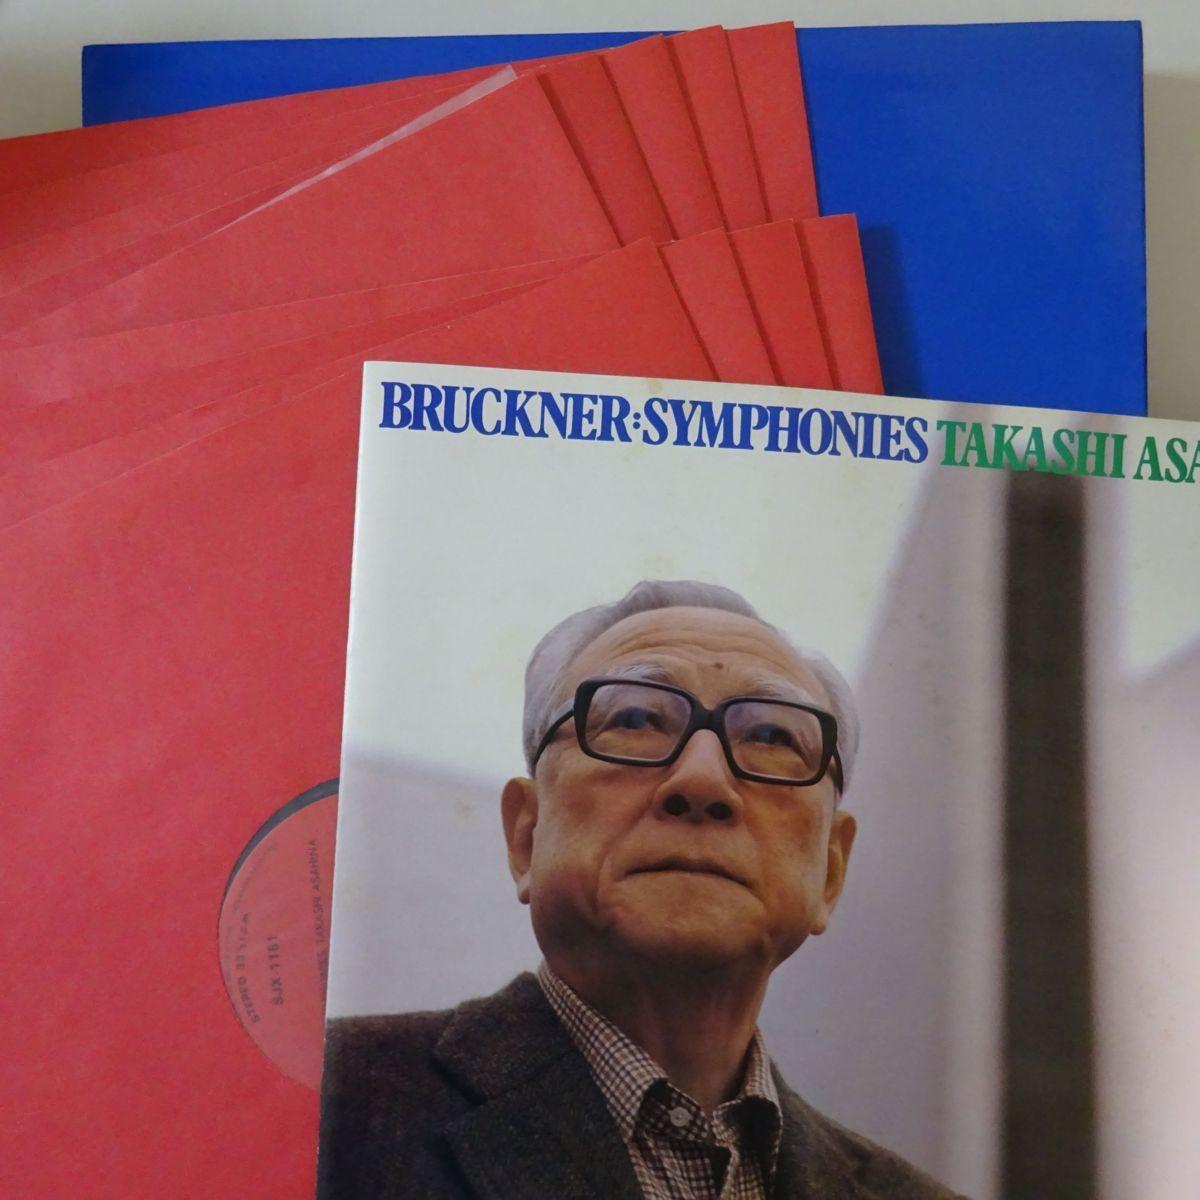 13040659; 帯付⁄9LPボックスセット 朝比奈隆 ⁄ ブルックナー ⁄ 交響曲選集 2